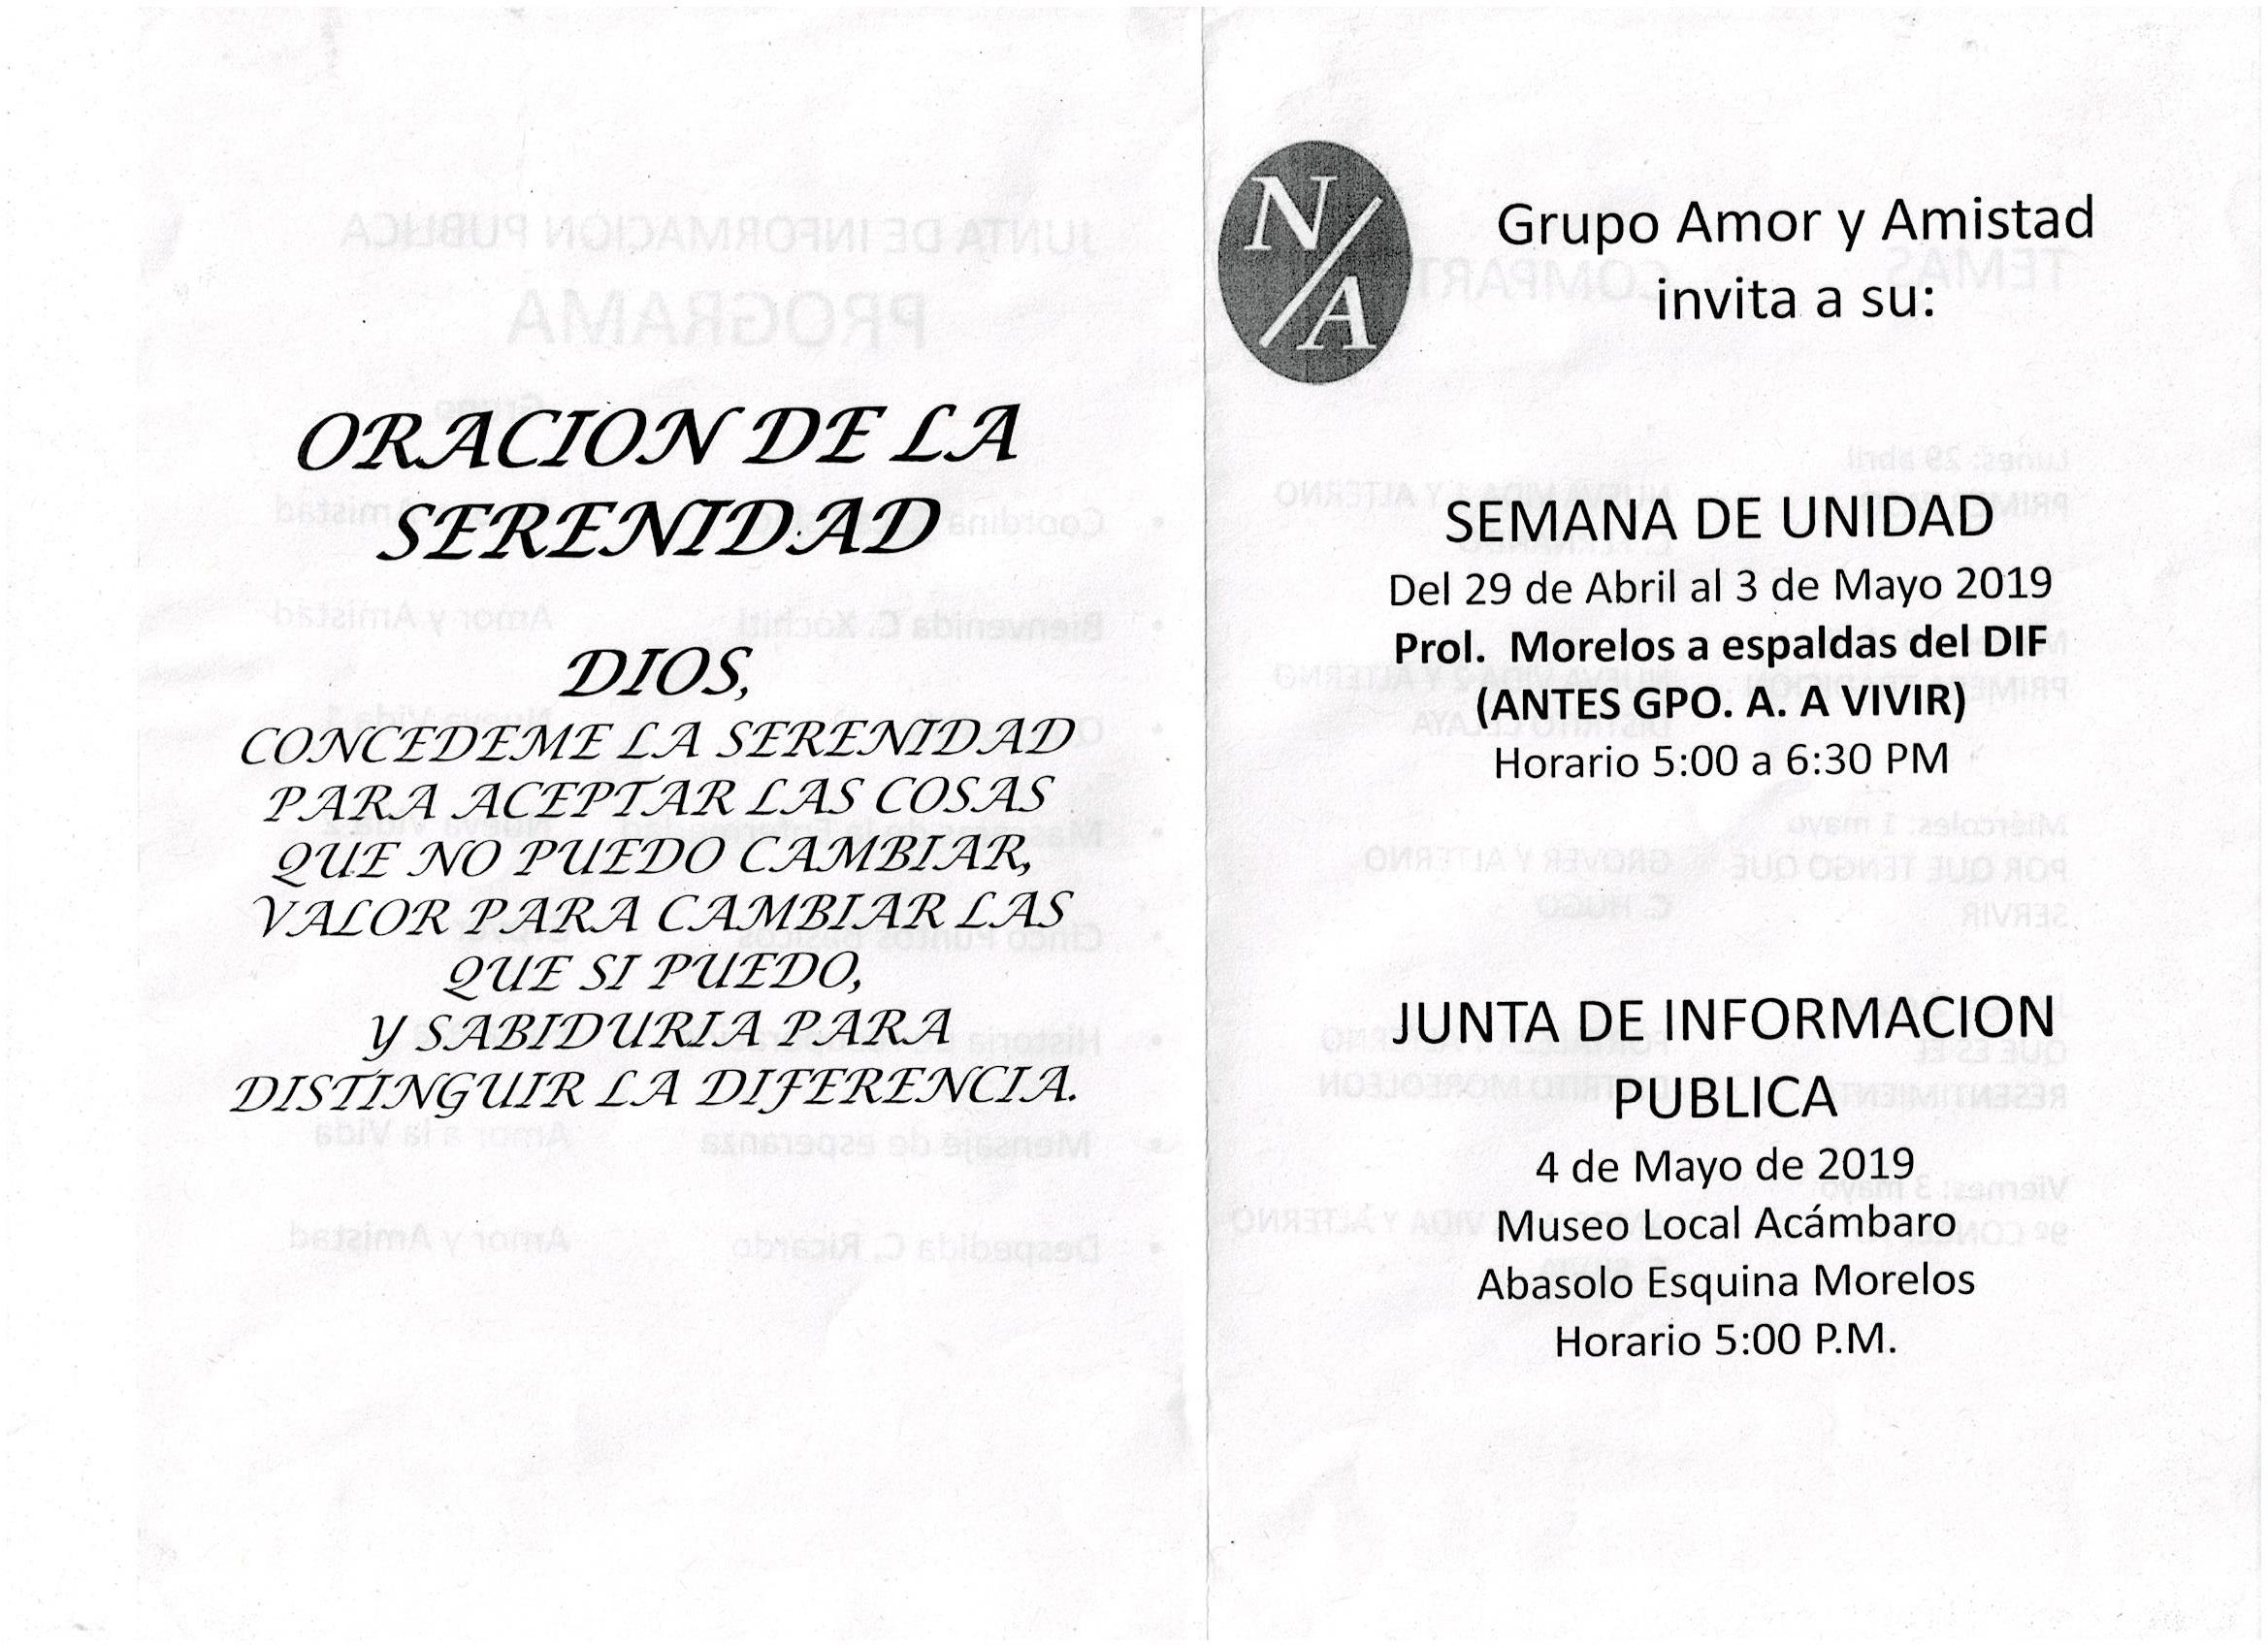 INVITACIONES A EVENTOS